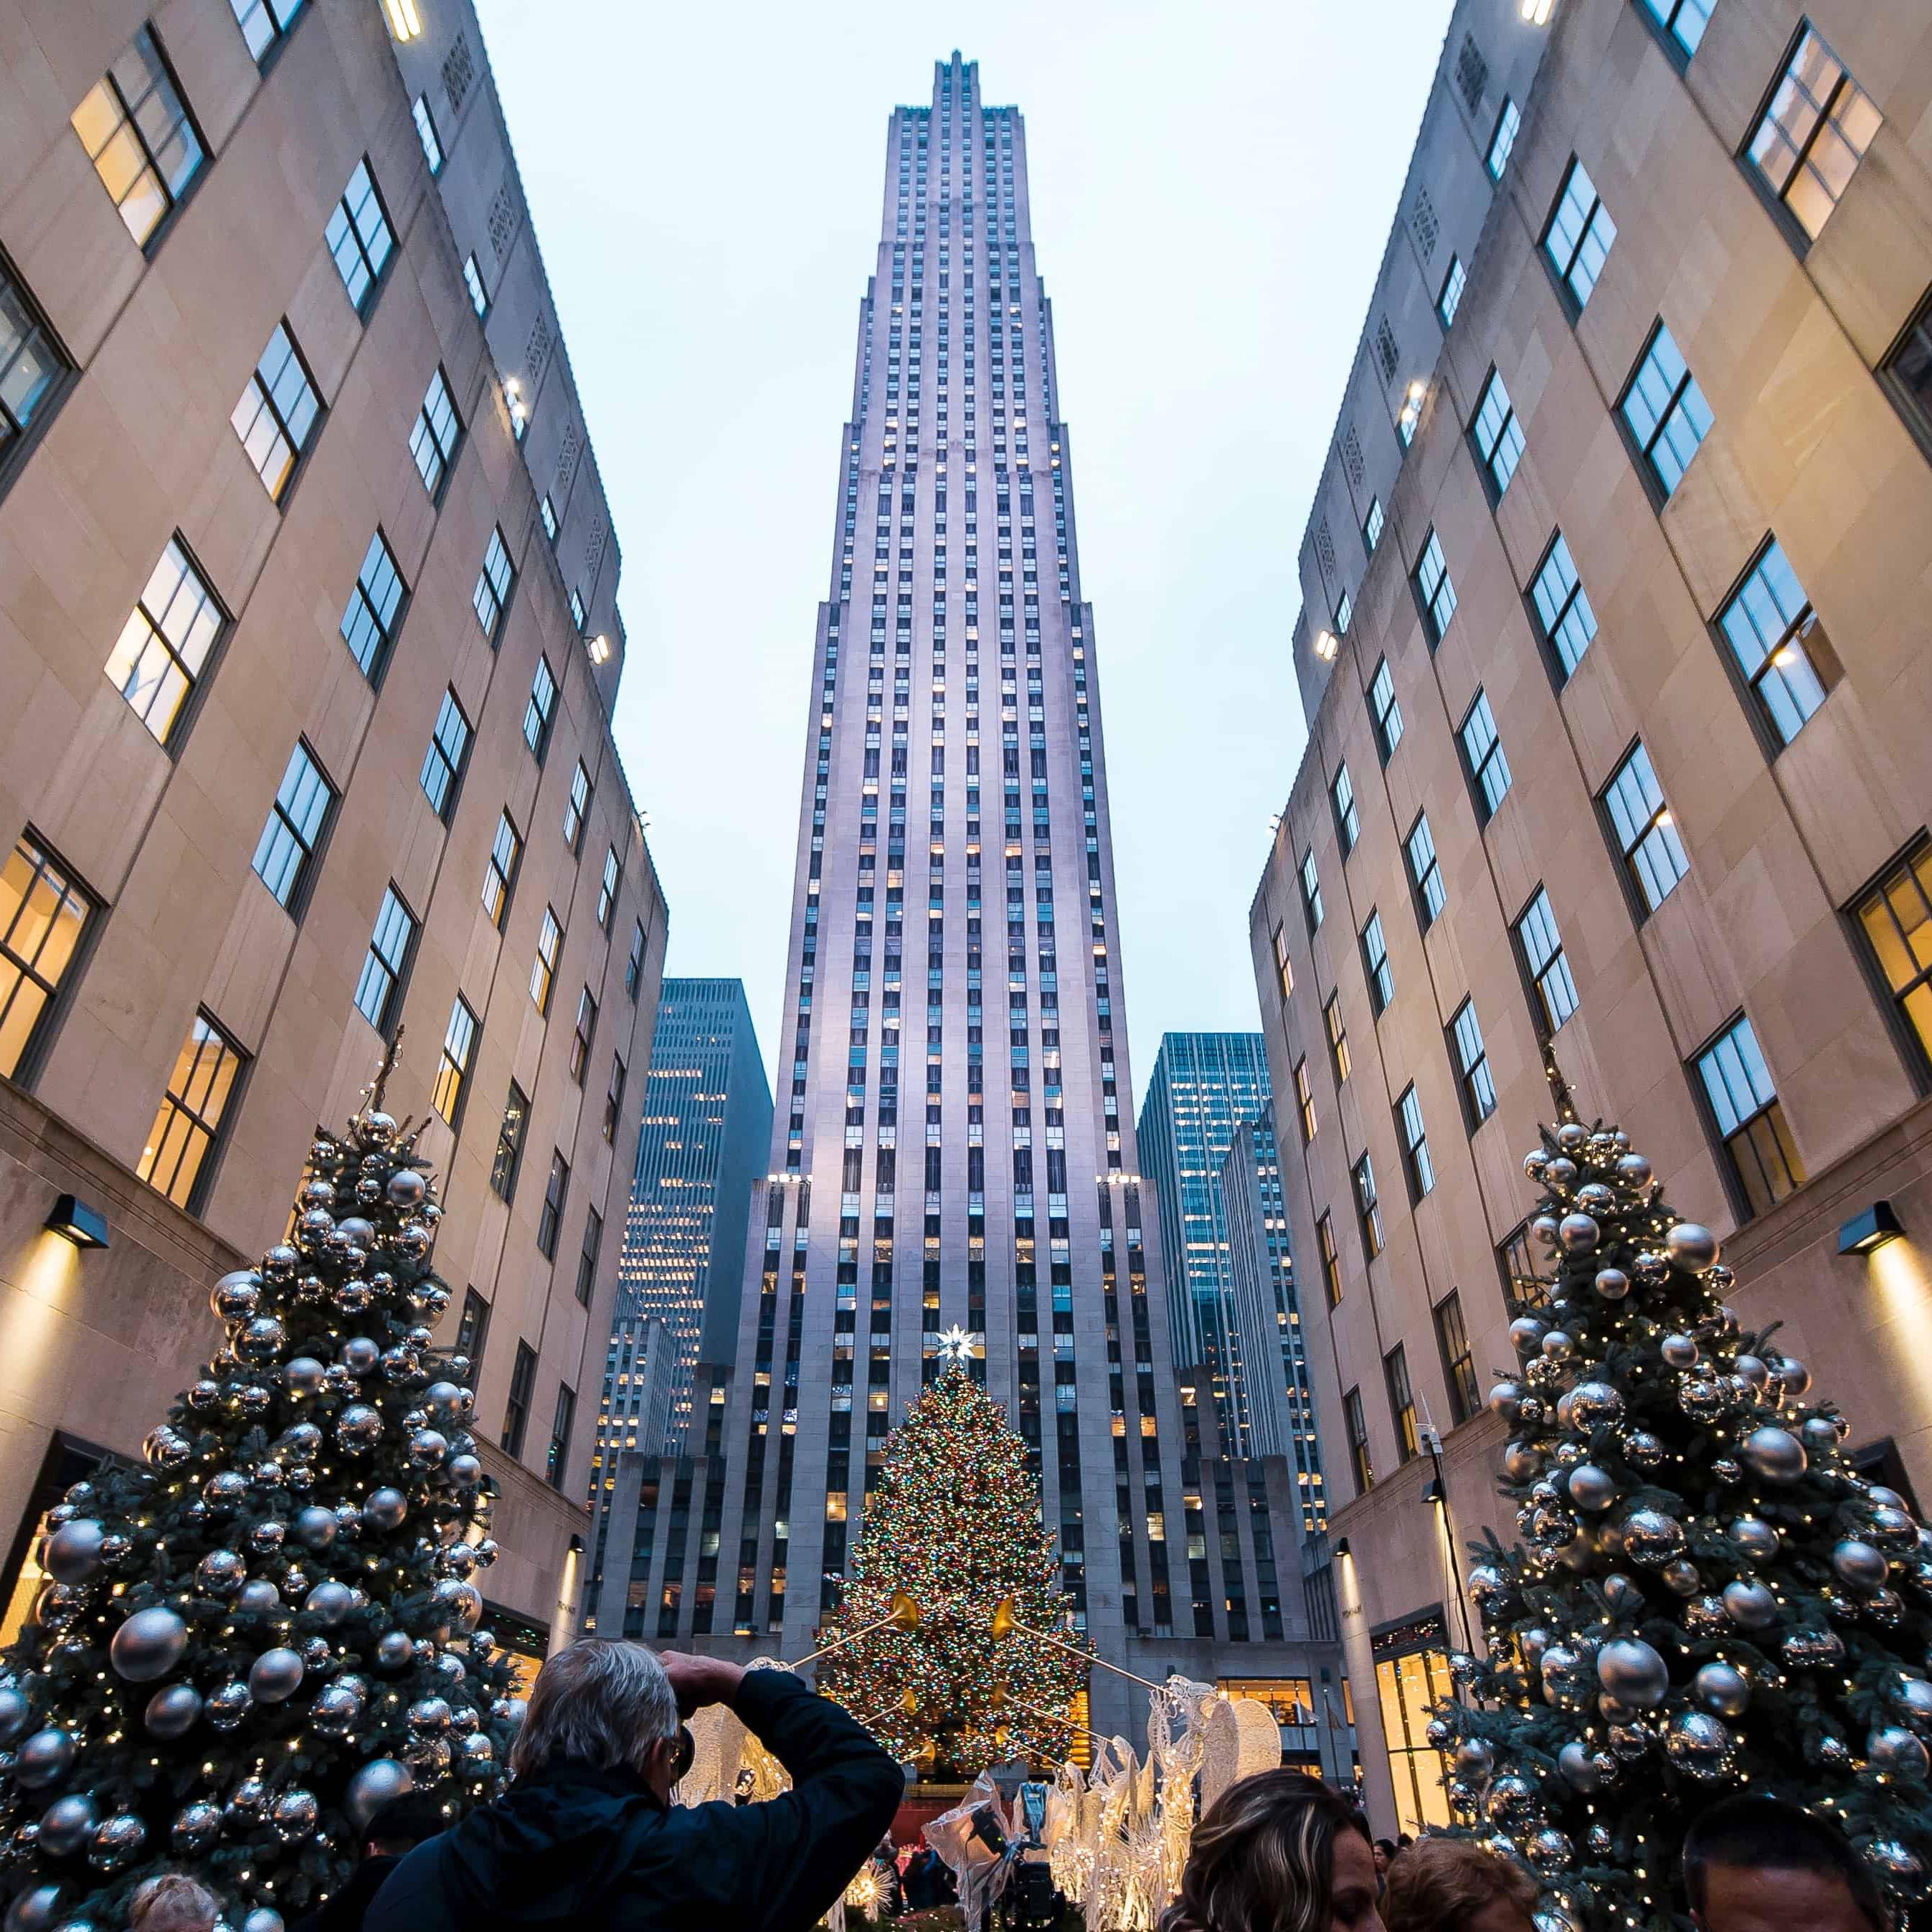 Flüge USA über Weihnachten oder Silvester - New York nonstop von Frankfurt - NYC oder Los Angeles von Nürnberg und Bremen ab 316€ (Nov-Jan)